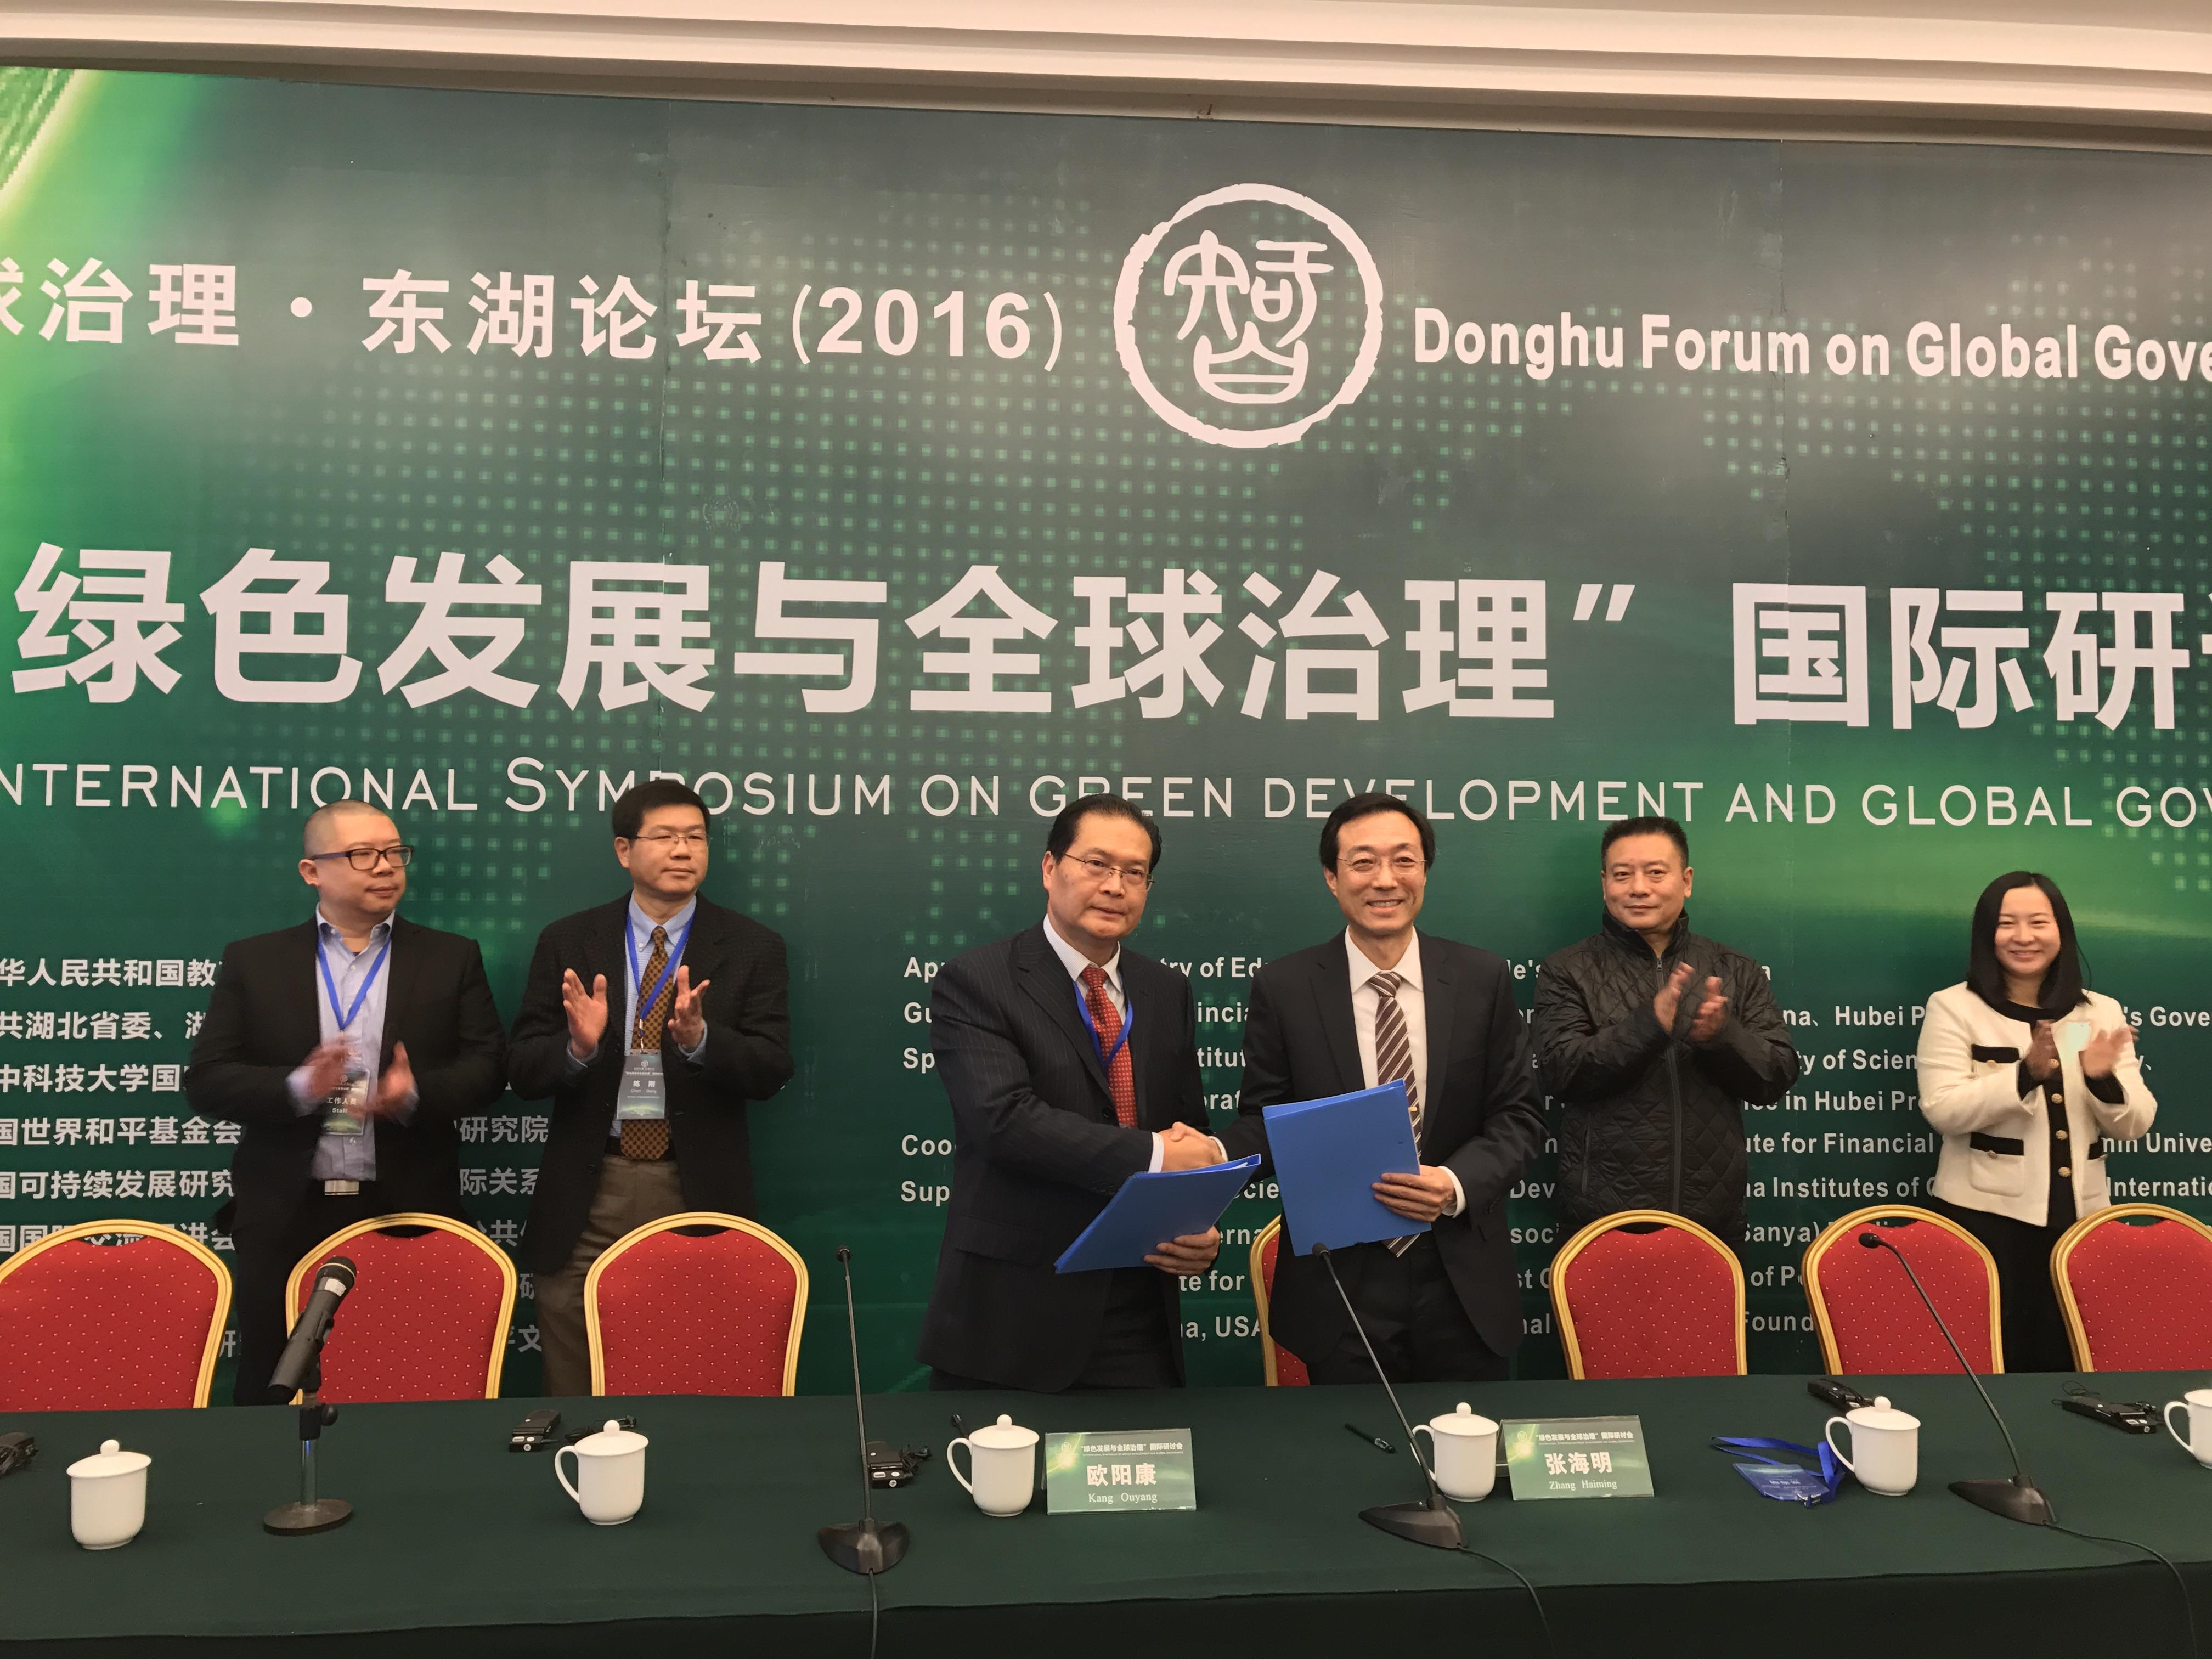 湖北广播电视台台长张海明与华中科技大学国家治理研究院教授欧阳康签